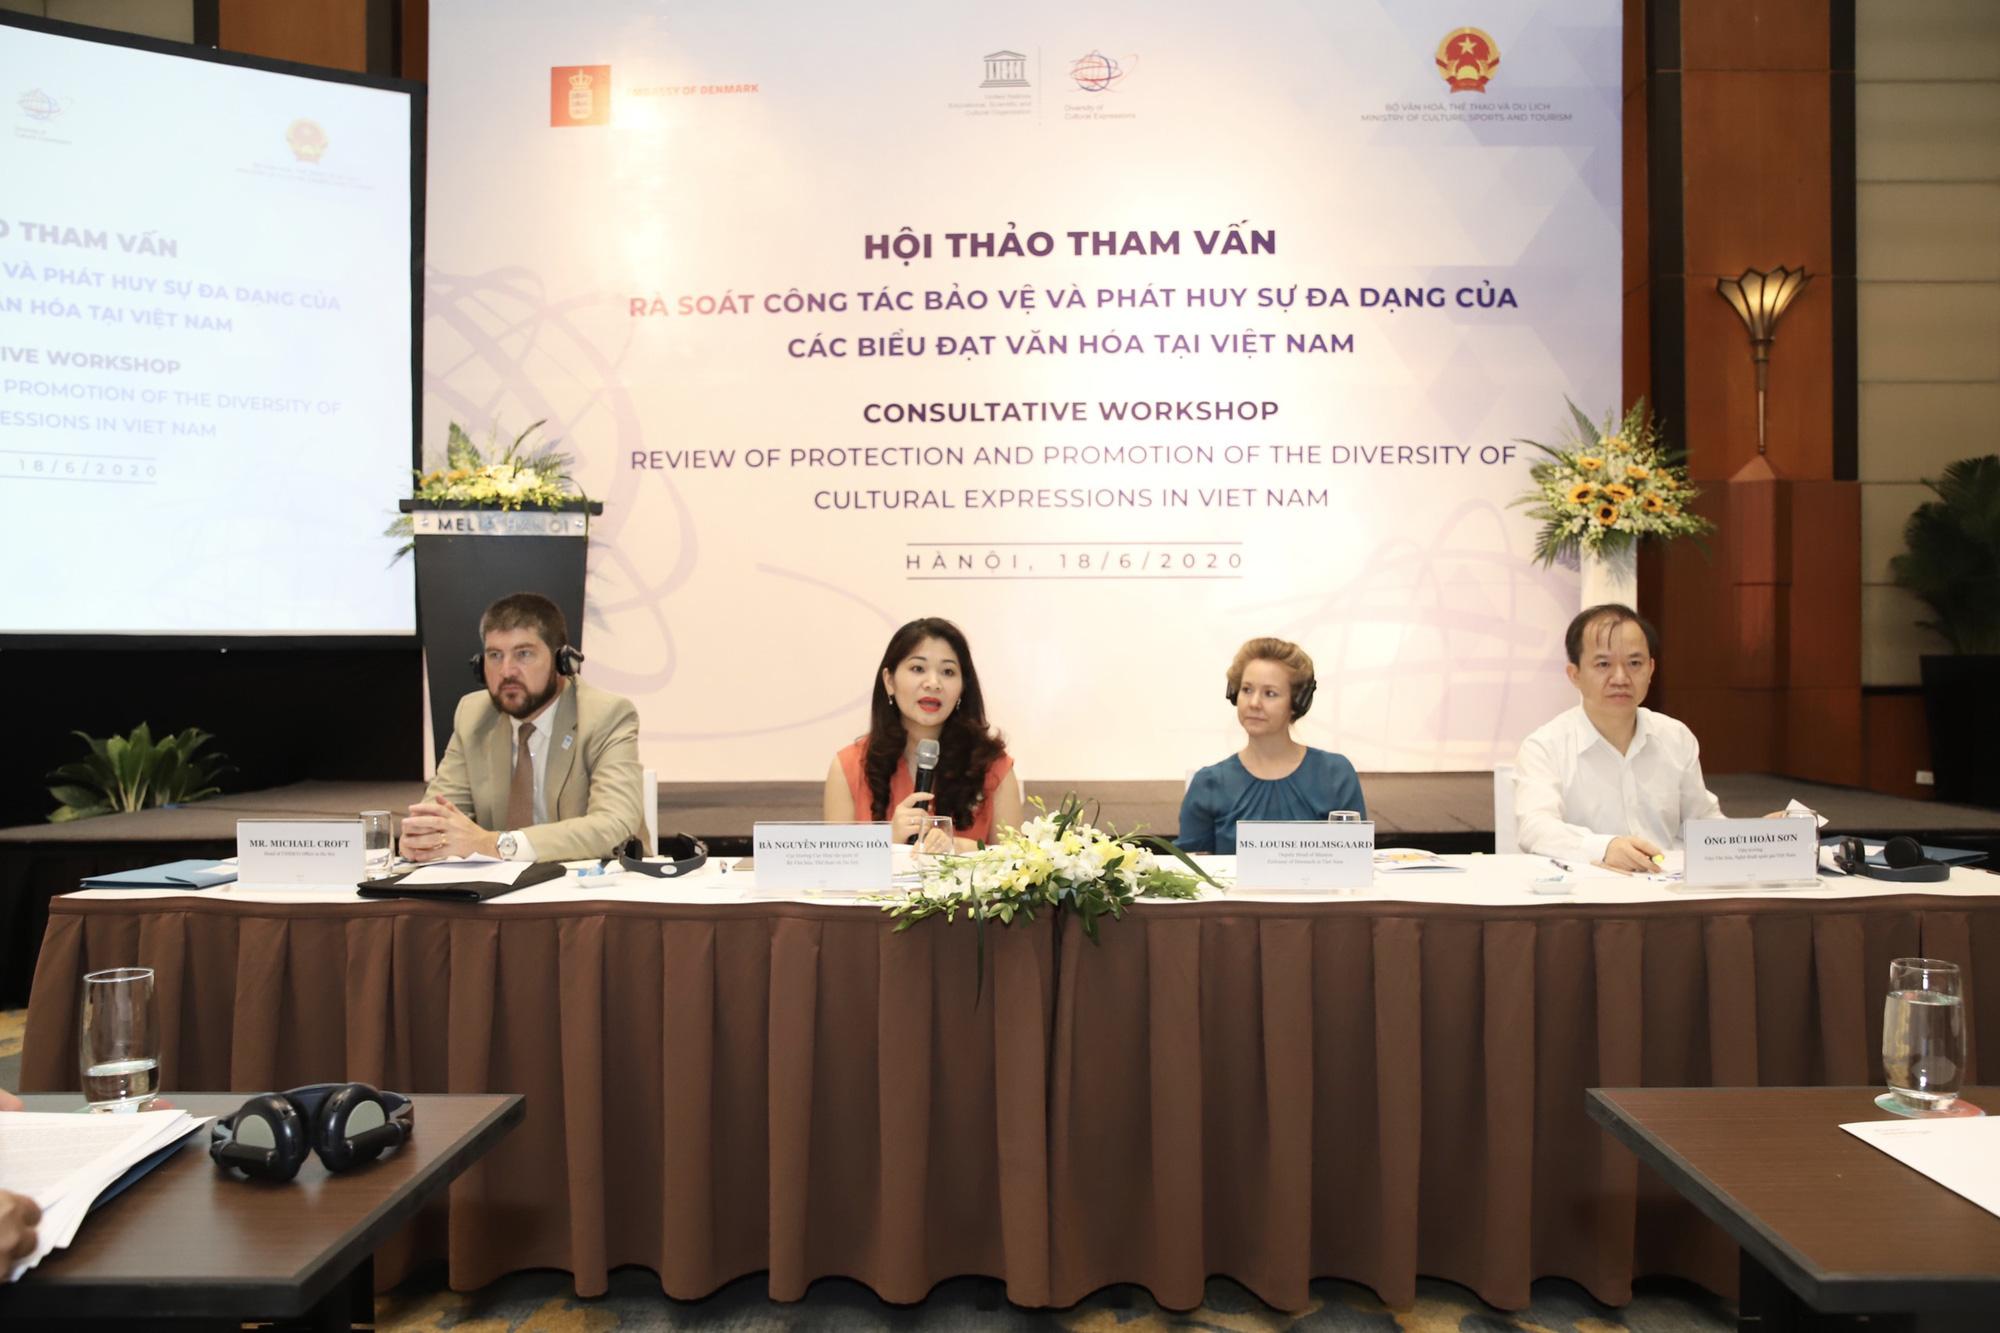 Bộ VHTTDL tham vấn về rà soát công tác bảo vệ và phát huy sự đa dạng các biểu đạt văn hóa tại Việt Nam - Ảnh 1.